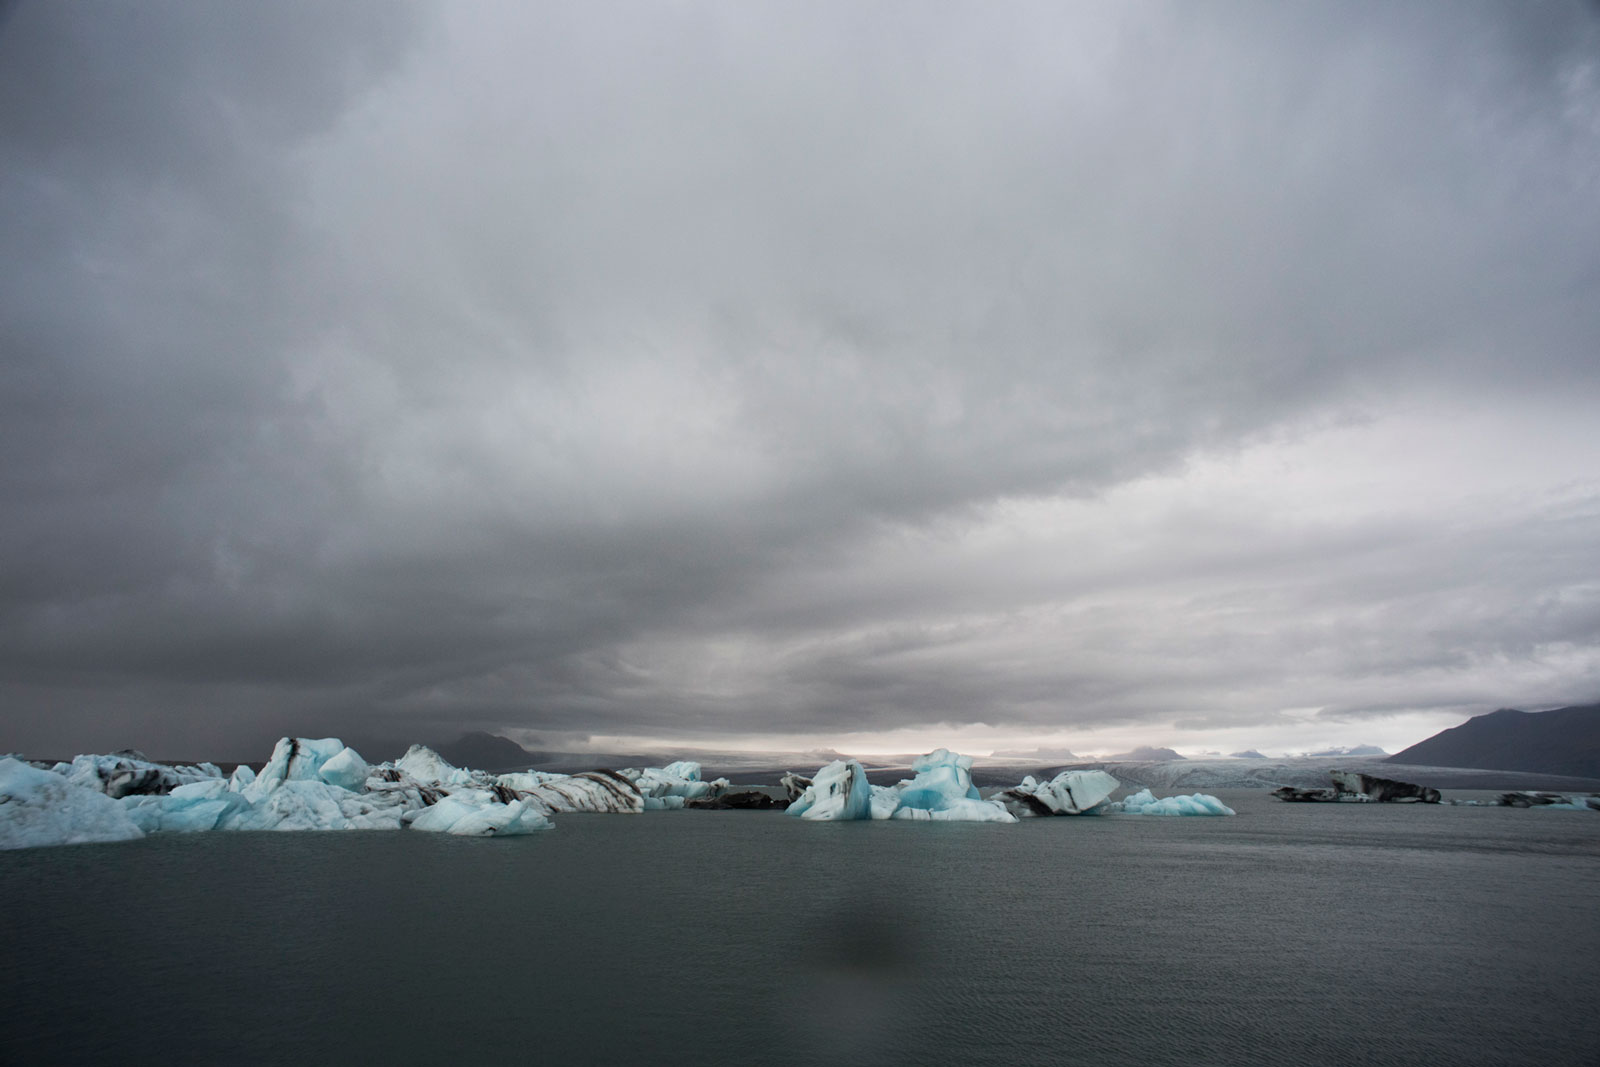 weißblaue Eisberge schwimmen im Meer